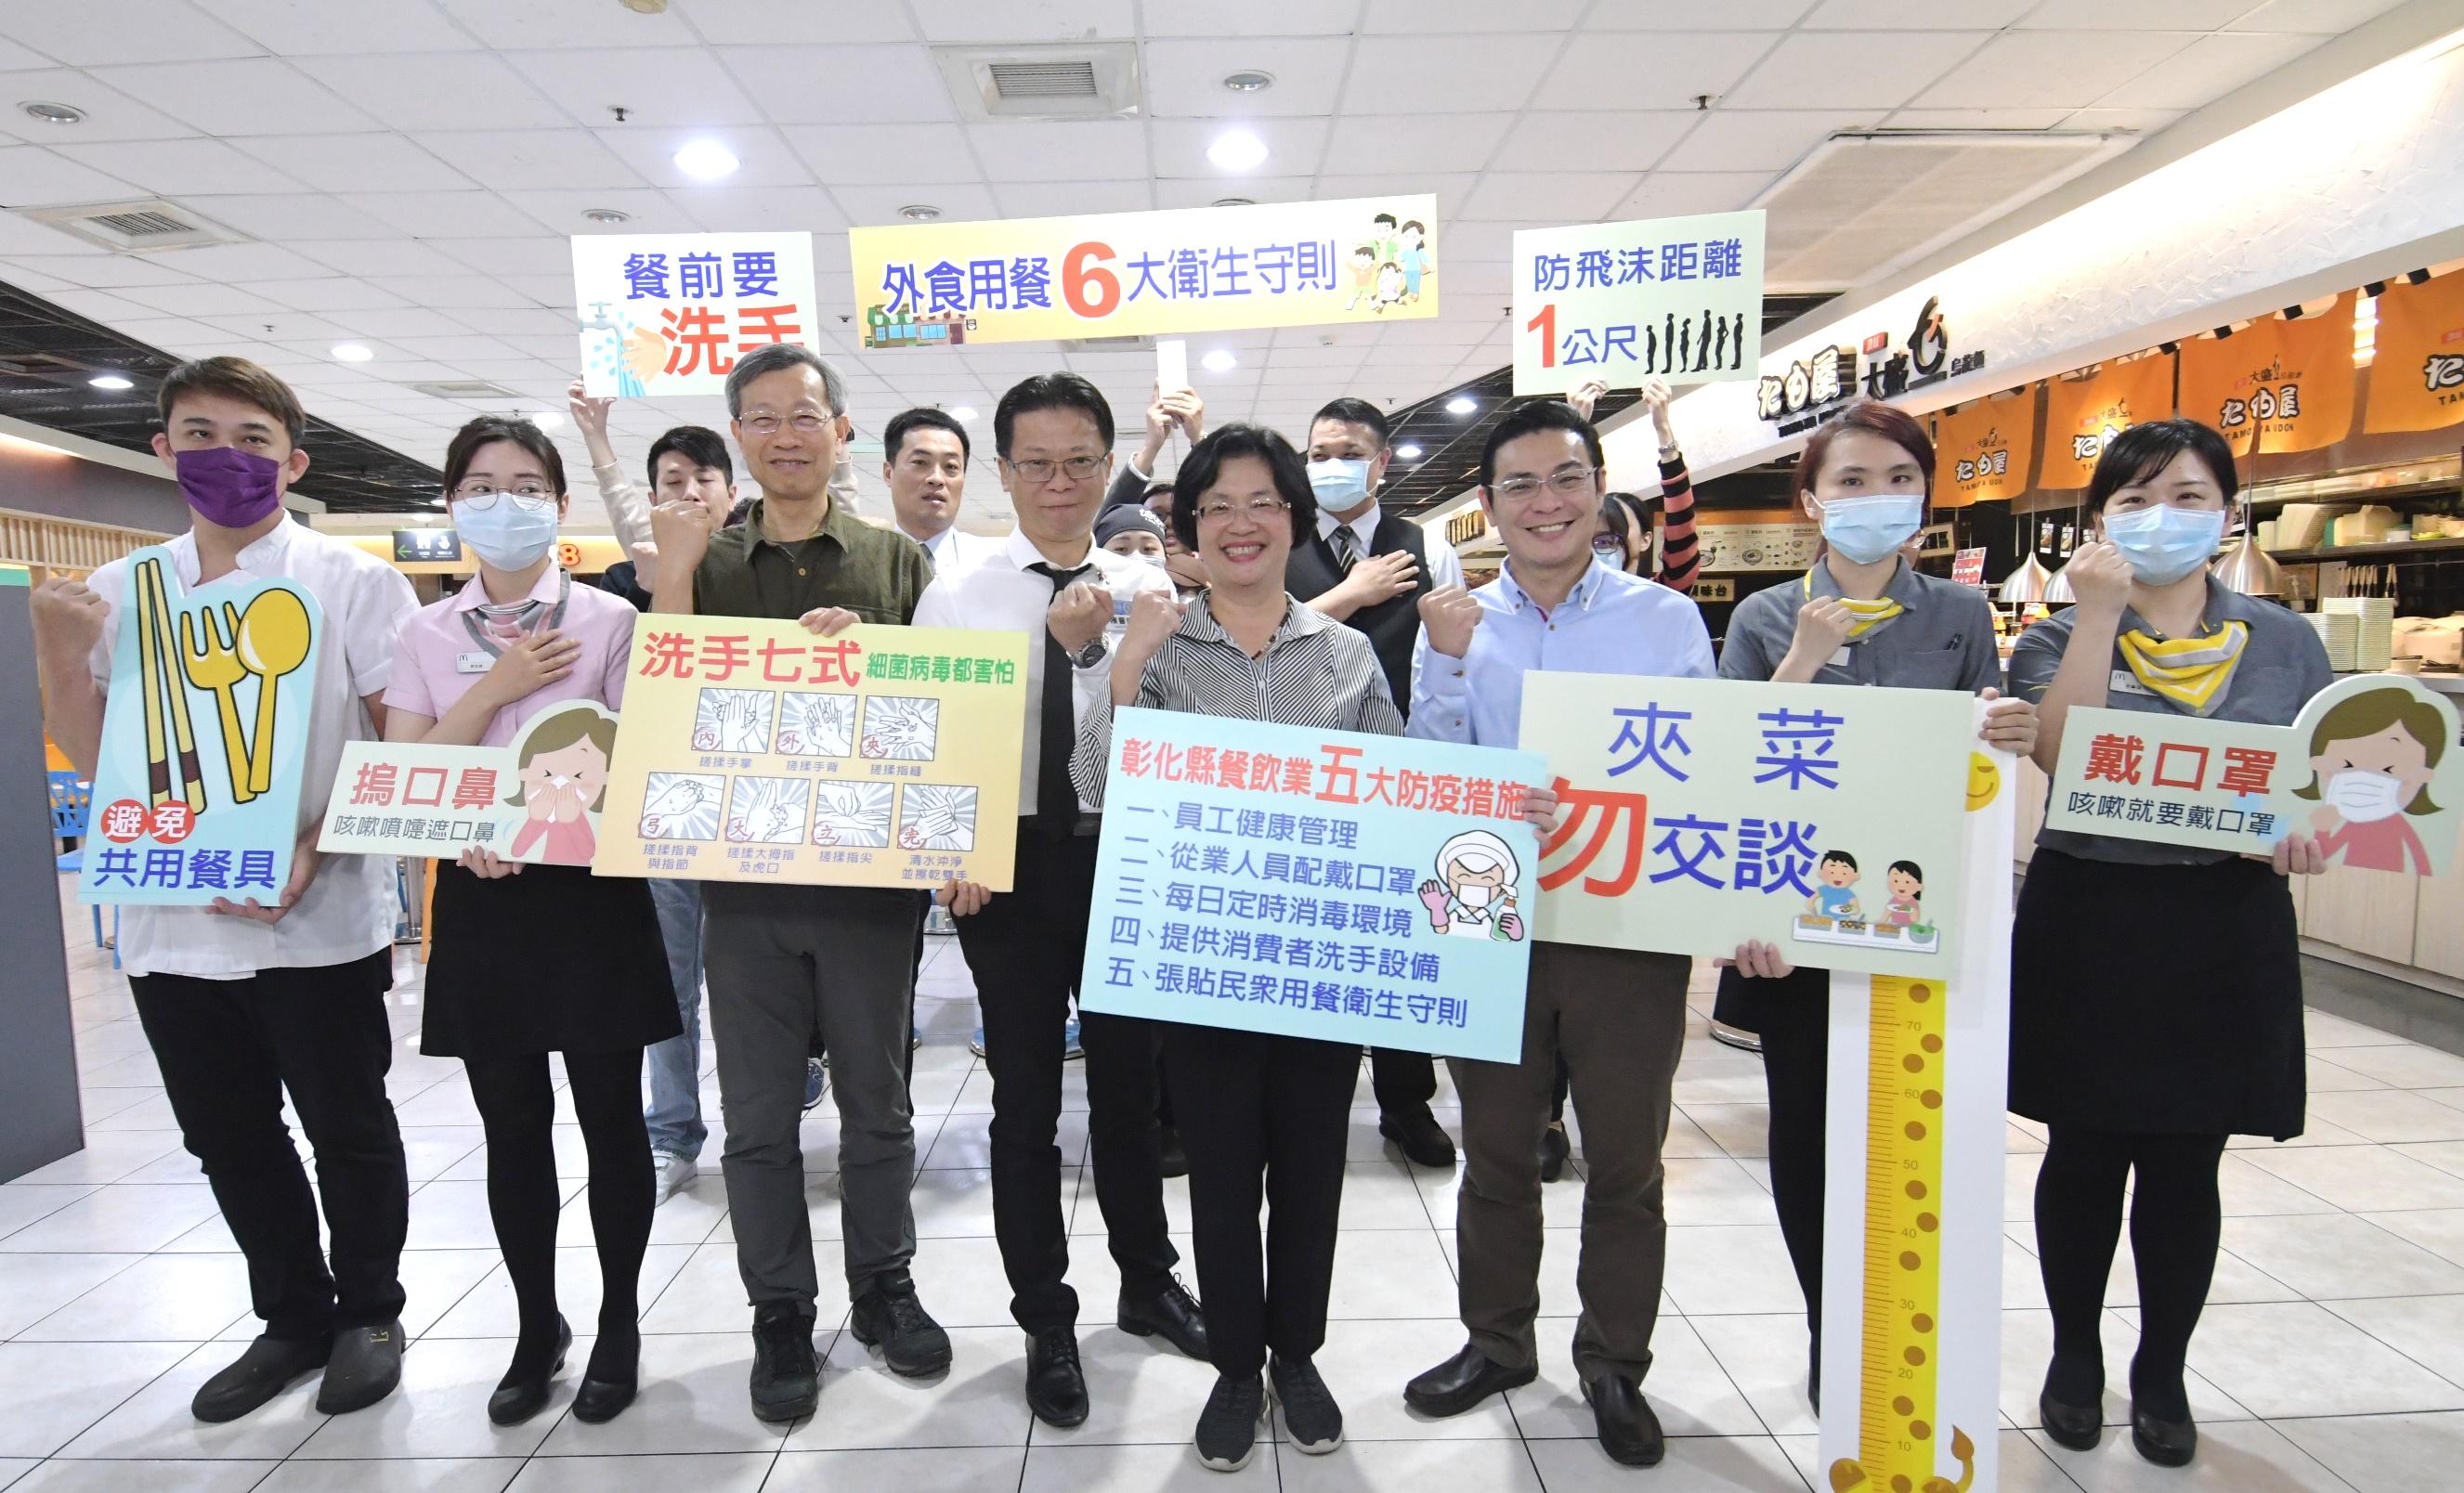 彰化生活防疫再升級  縣長王惠美示範外食用餐衛生守則